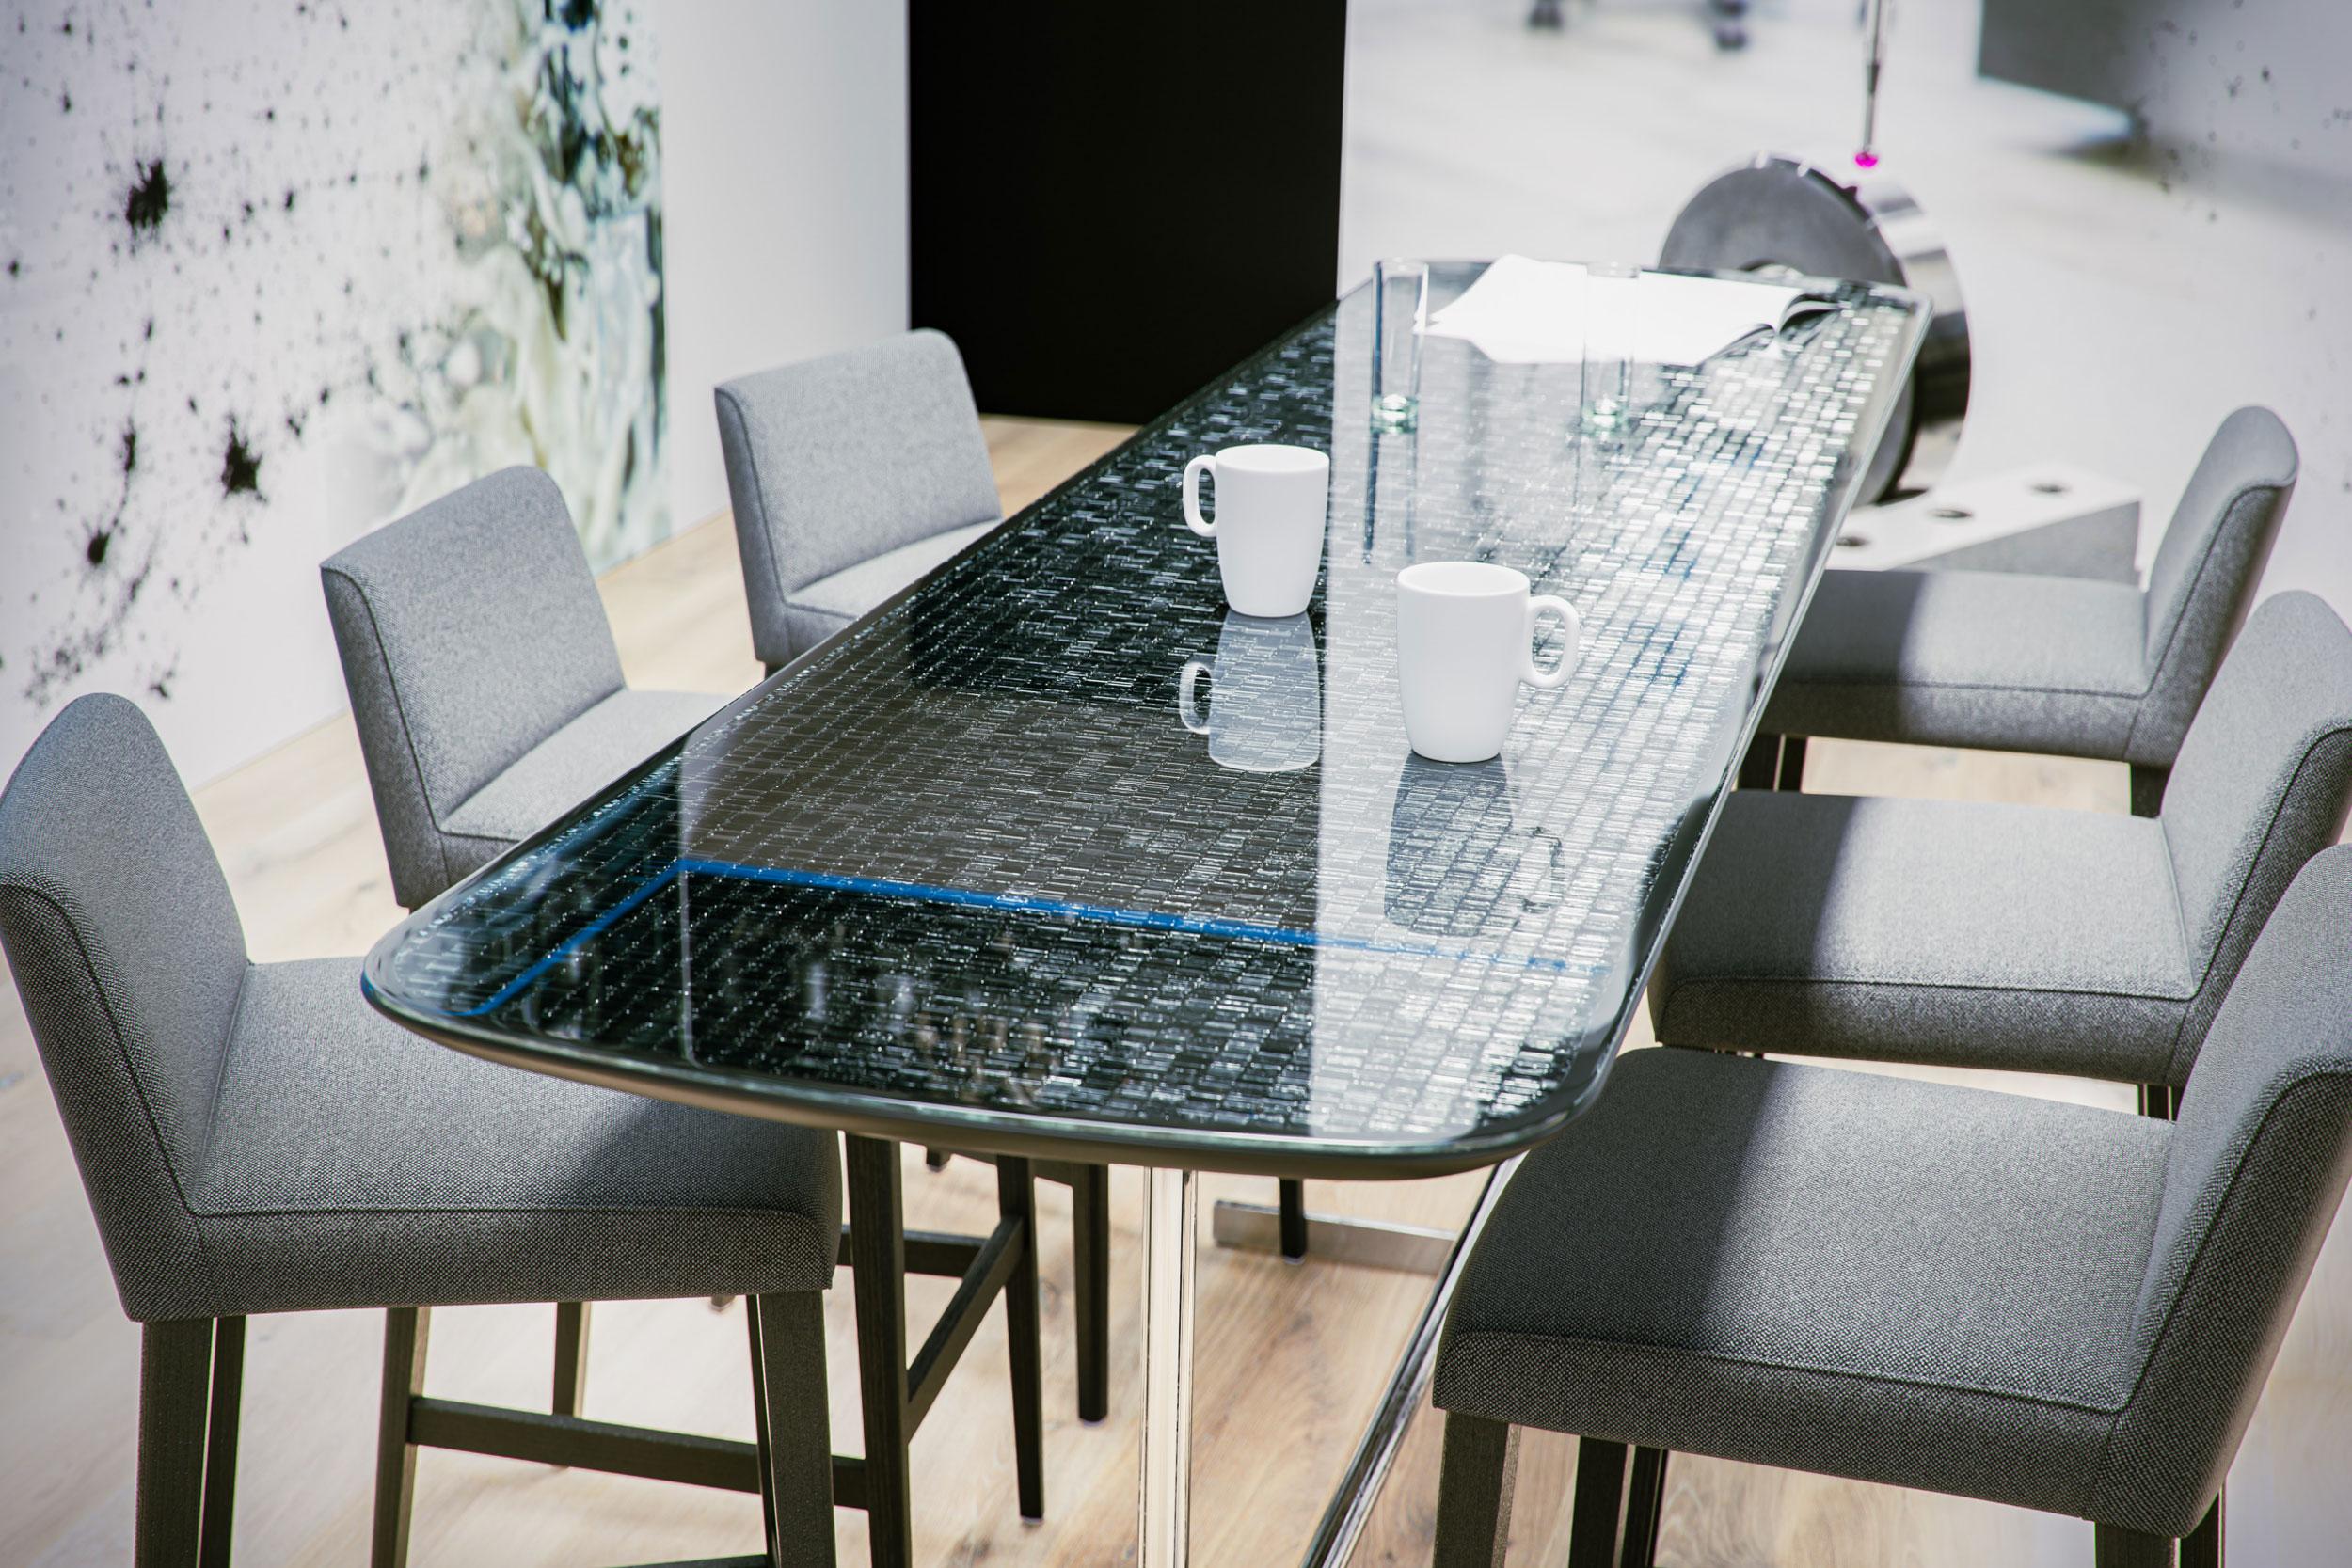 Tisch Messestand Rendering 3D Eder Stefan Österreich